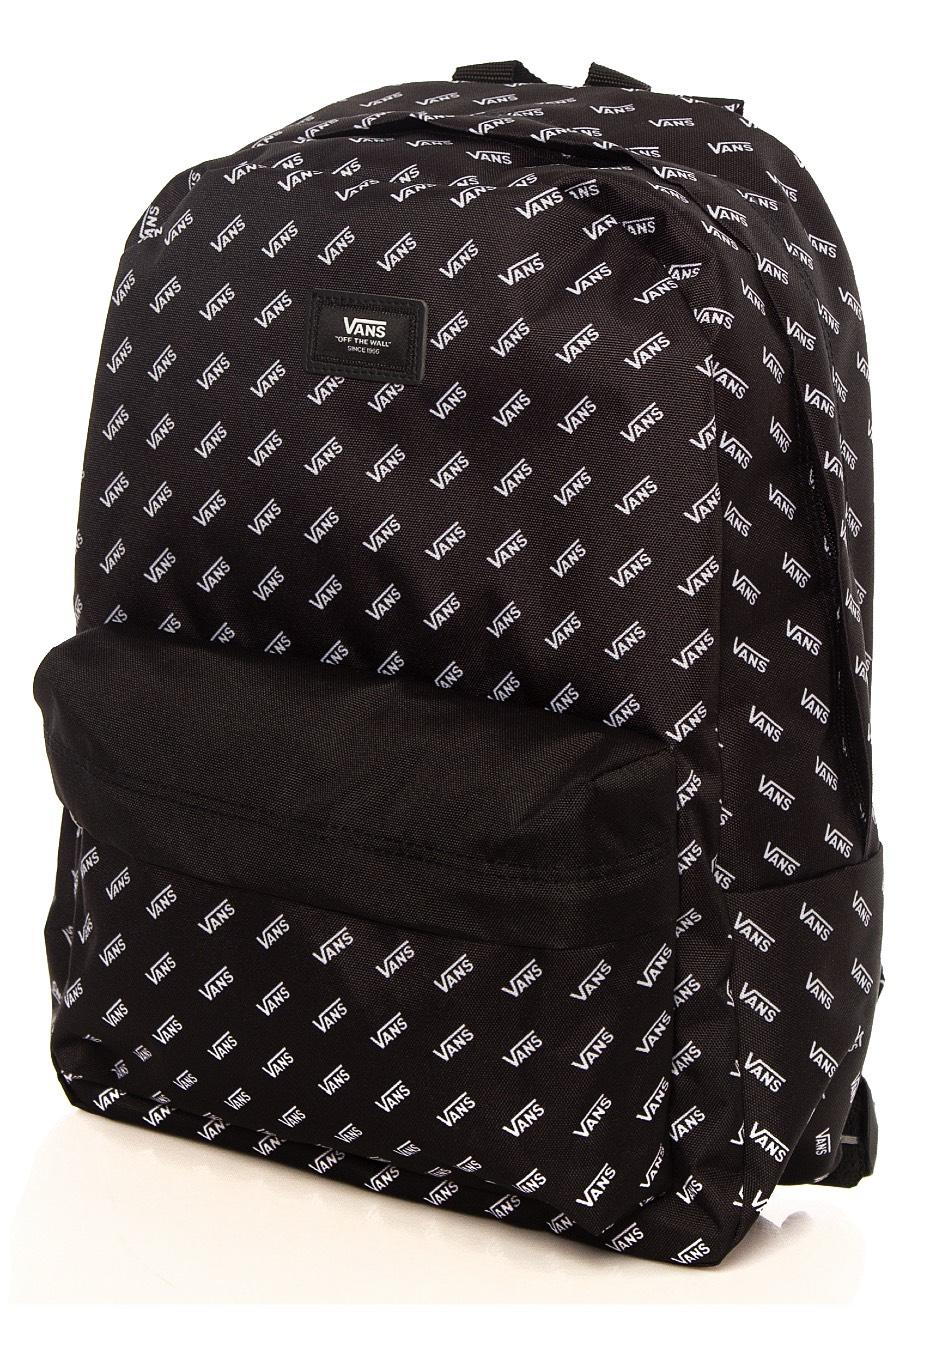 Vans Old Skool III Black Retro Vans Backpack